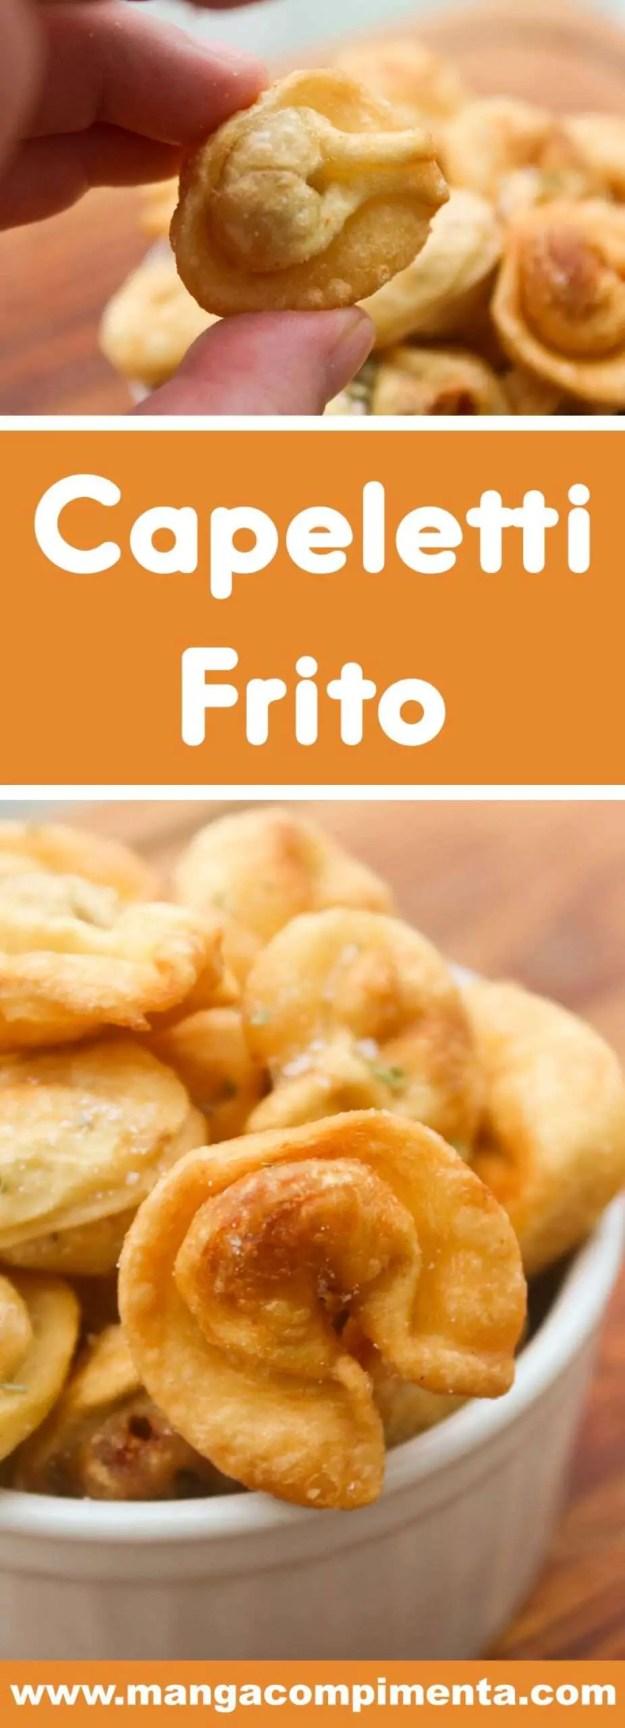 Receita de Capeletti Frito - prepare para petiscar com os seus amigos, assistindo um jogo ou curtindo o final de semana.